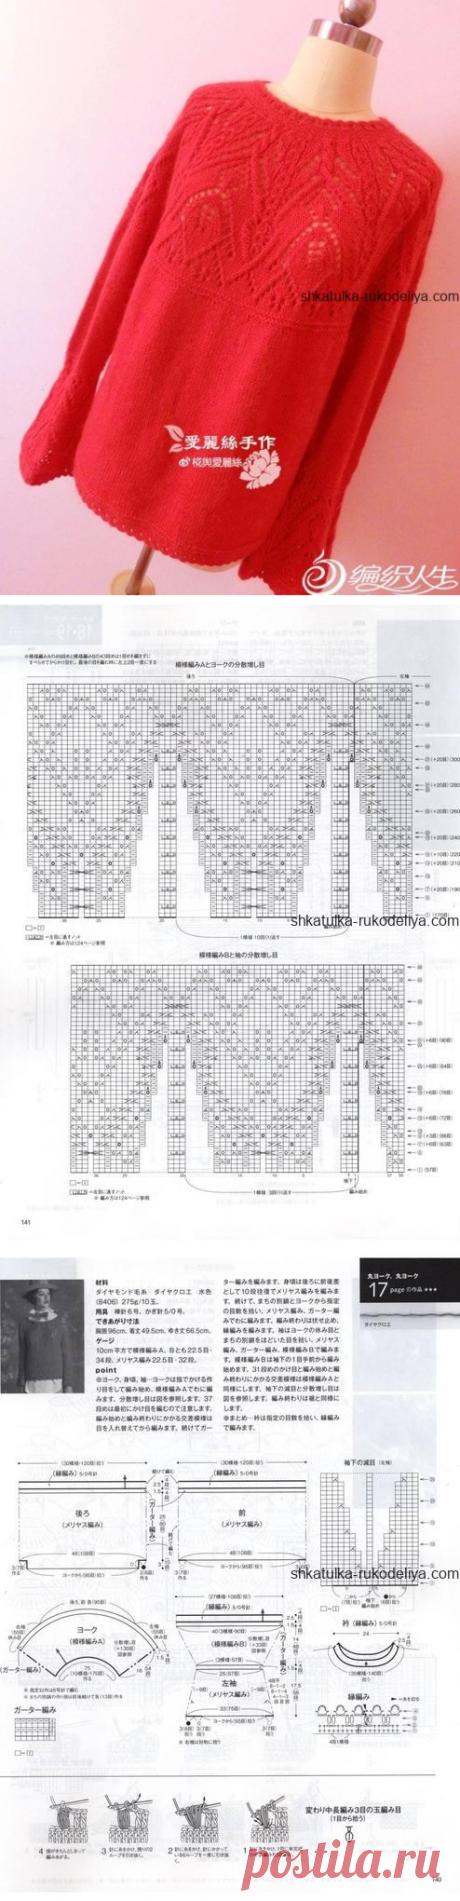 Пуловер с круглой кокеткой спицами. Женский пуловер с расклешенным рукавом спицами 2019 | Шкатулка рукоделия. Сайт для рукодельниц.